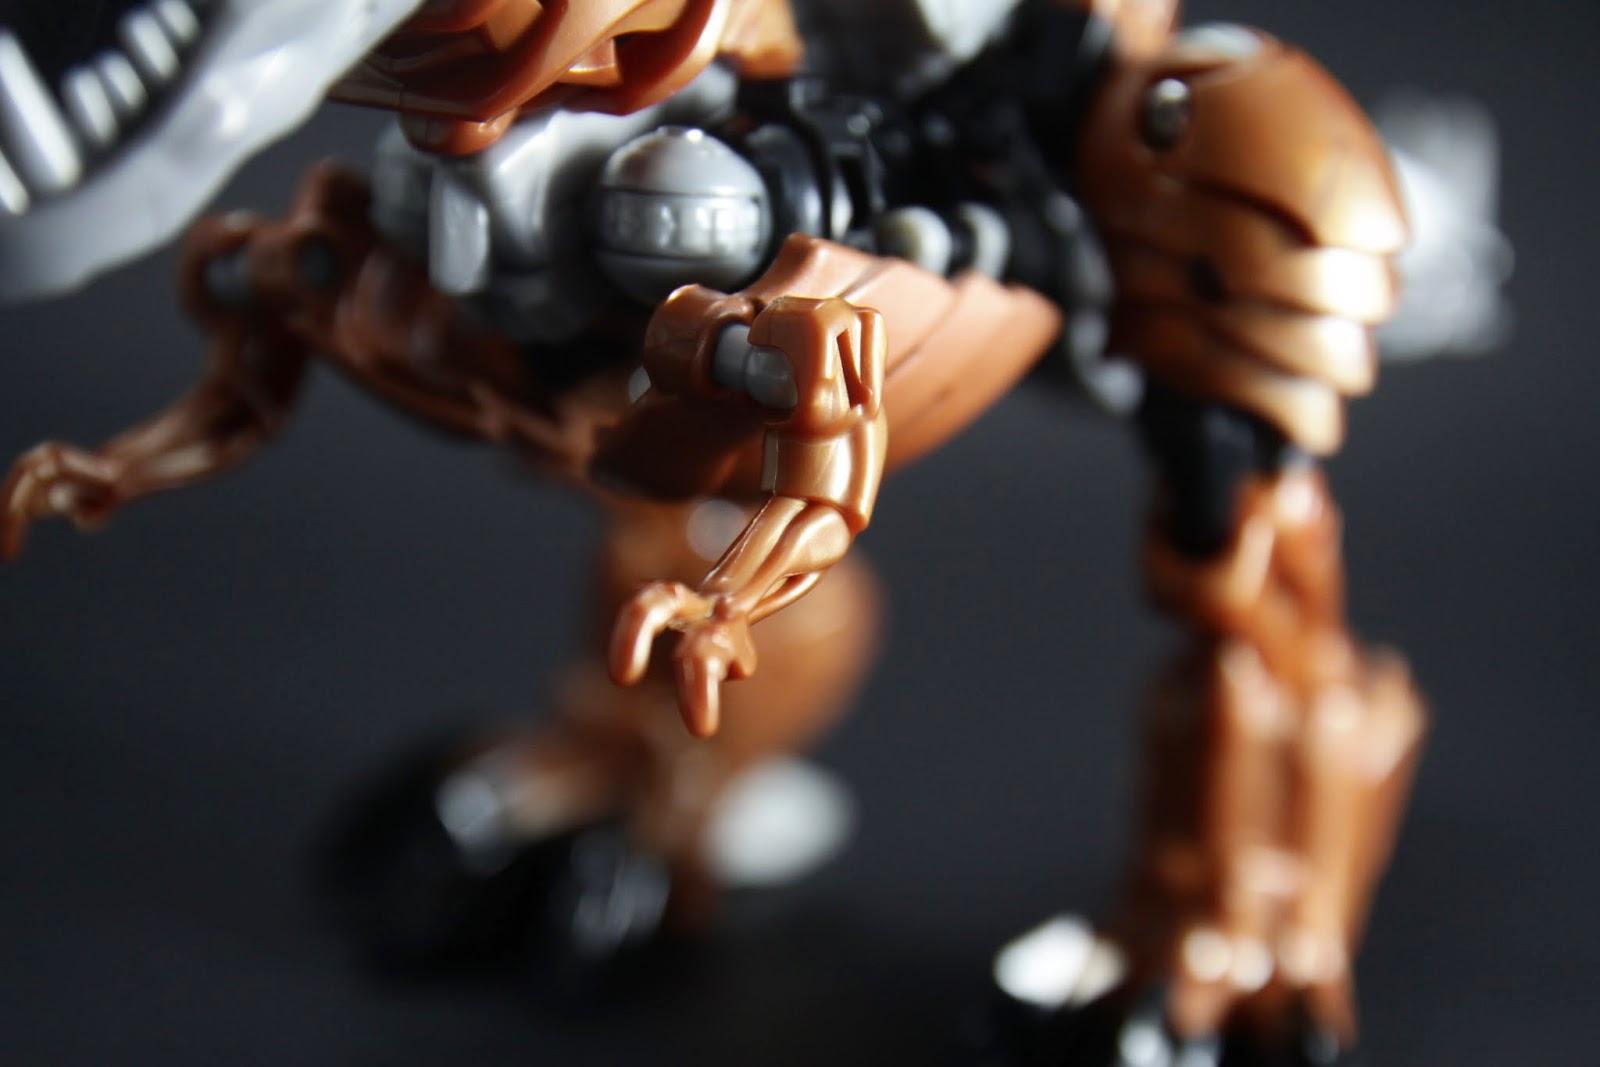 暴龍的短小前肢 只有肩關節